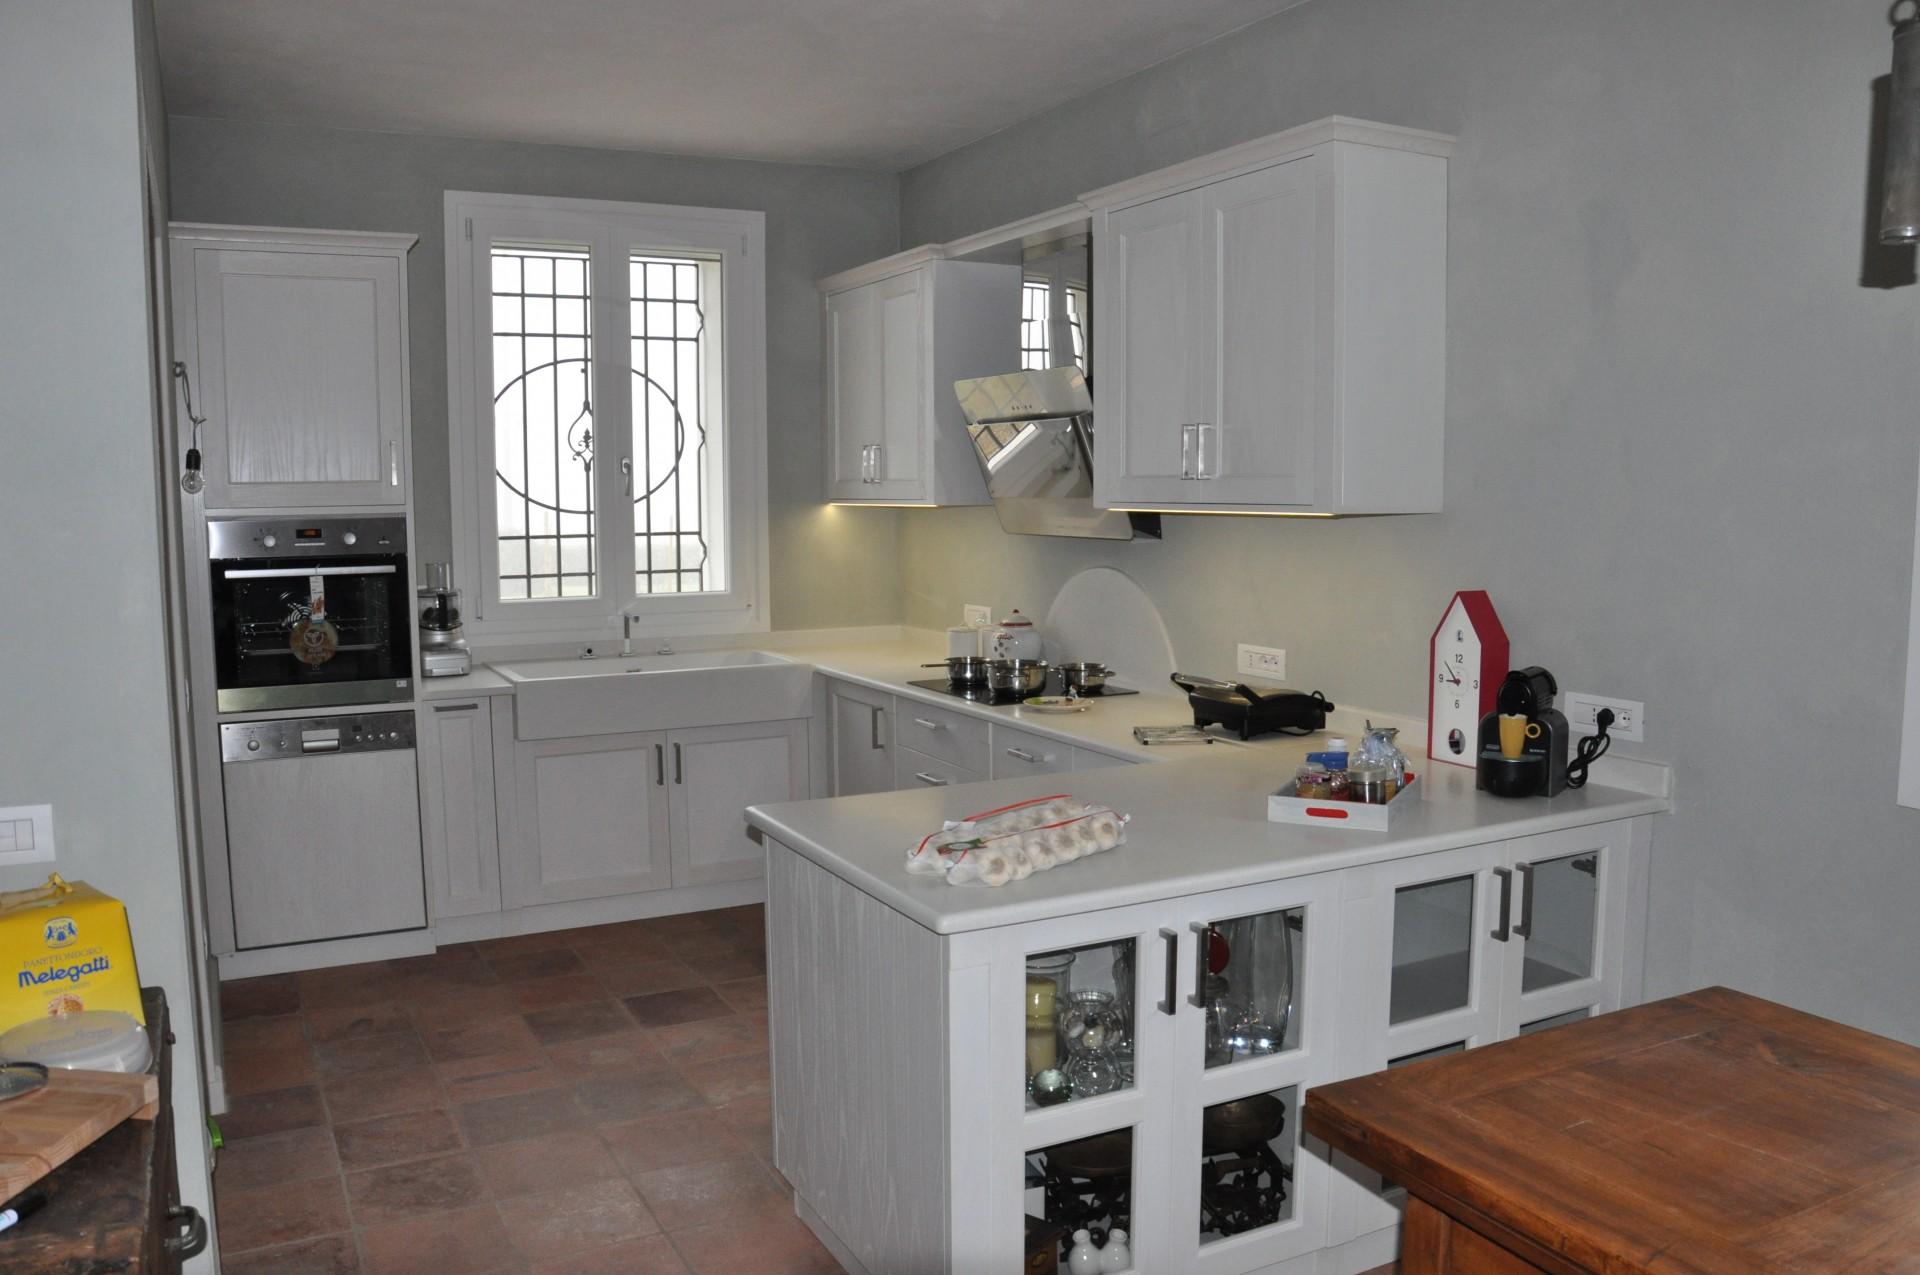 Cucine E Arredamenti Su Misura Cucine Country E Moderne In Legno  #AE901D 1920 1275 Cucine Moderne Di Legno